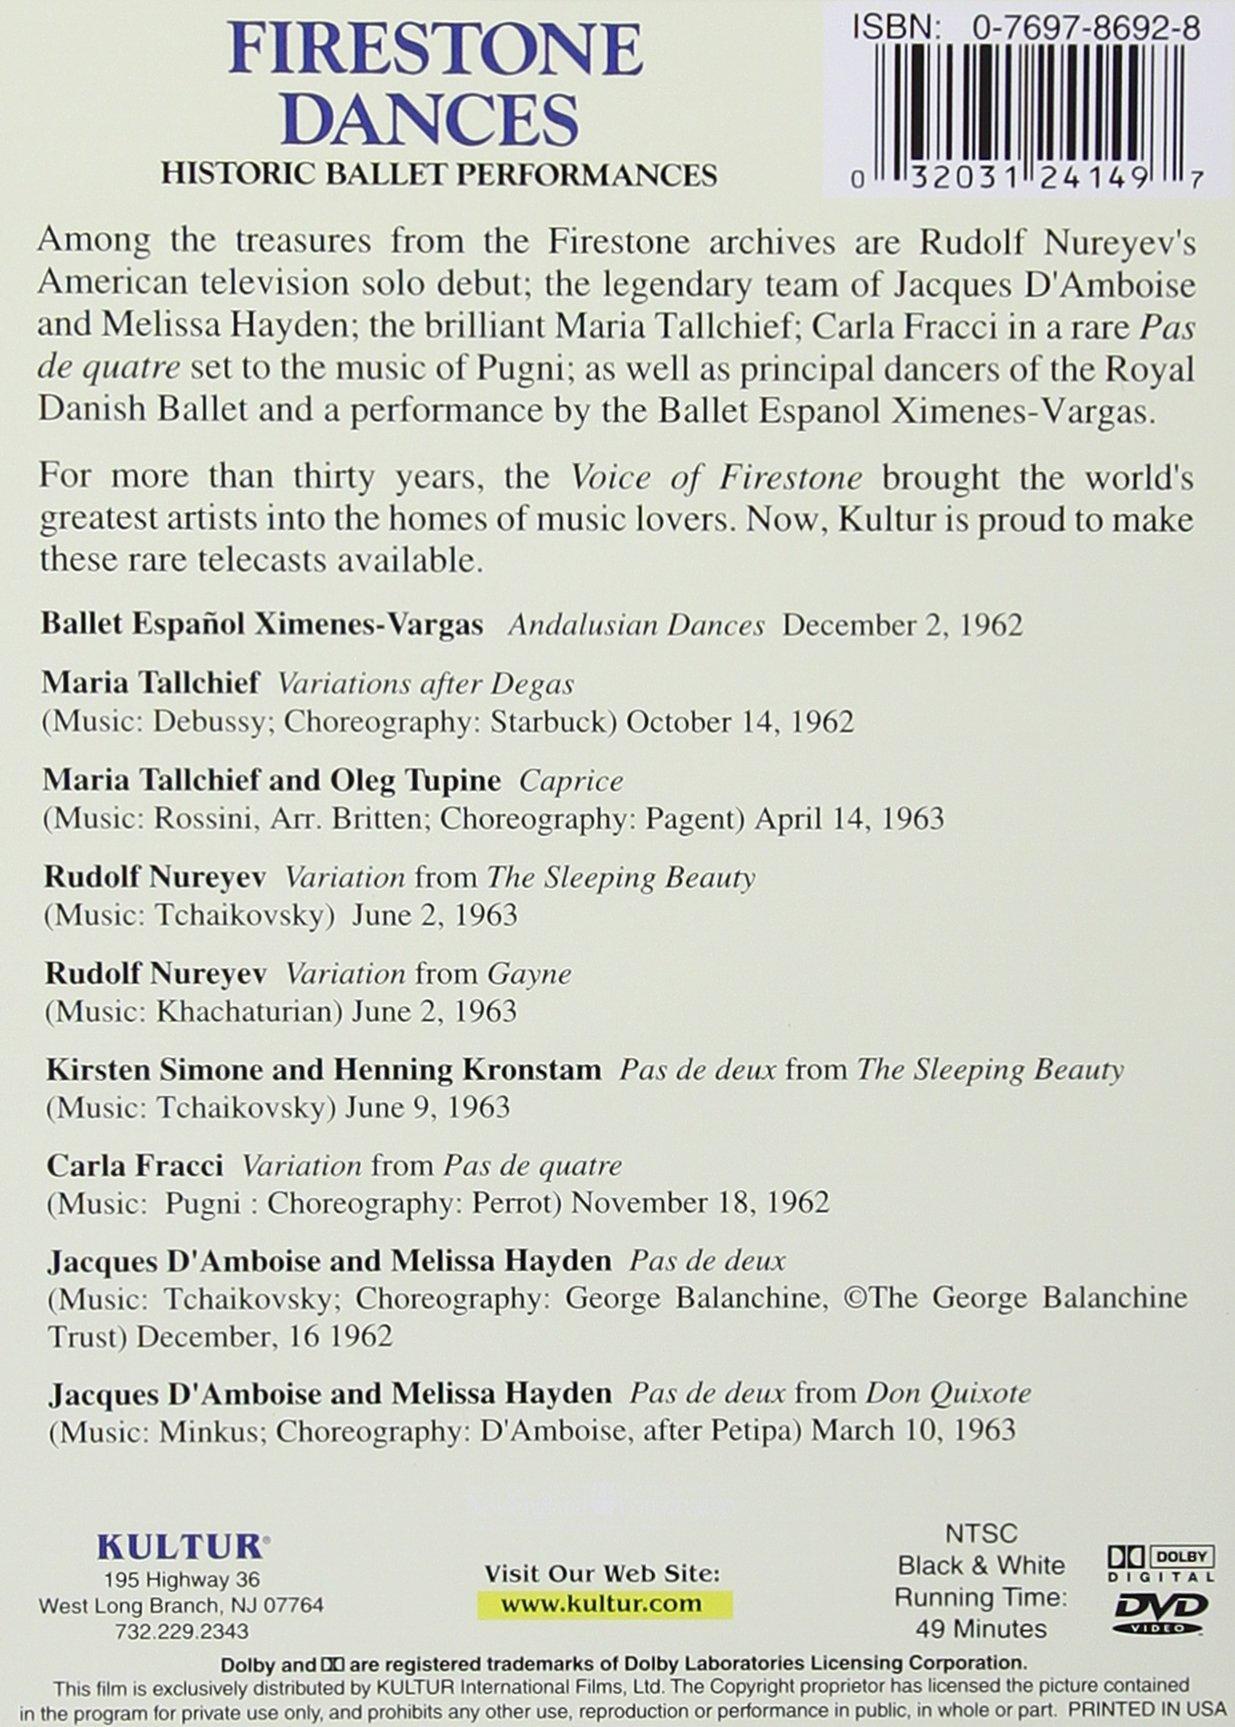 Firestone Dances: Historic Ballet Performances